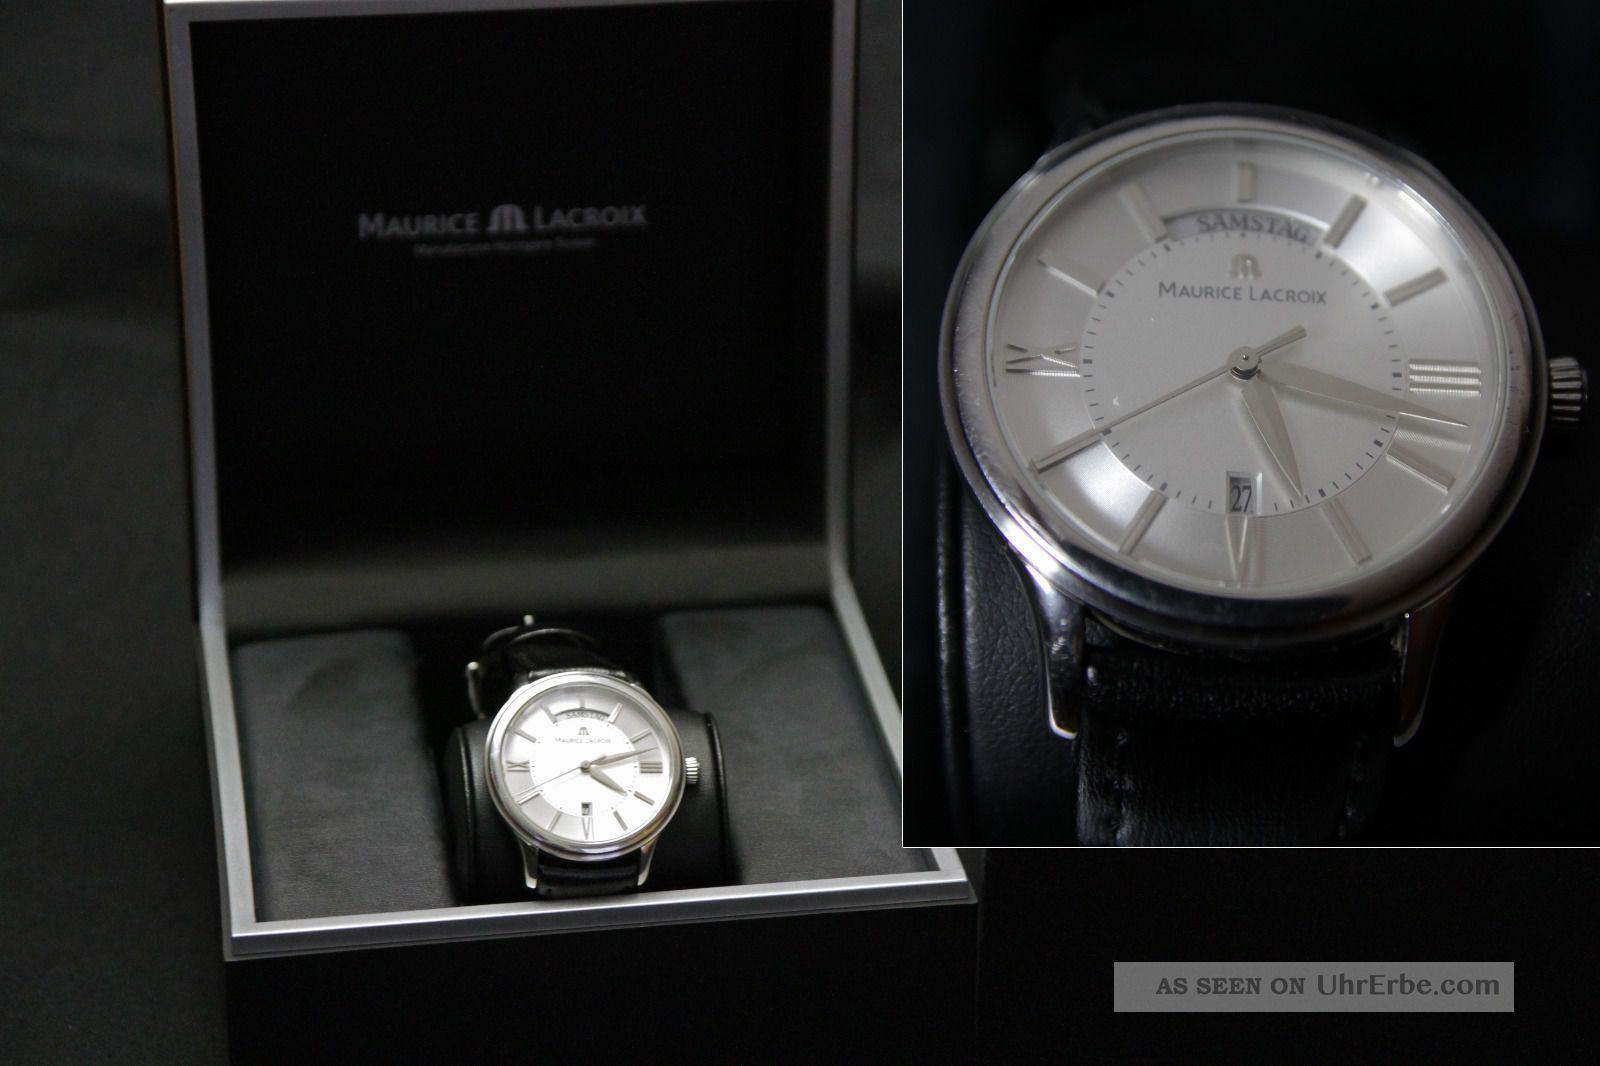 Maurice Lacroix Les Classiques Day Date Lc1047 - Ss001 - 11g Armbanduhren Bild